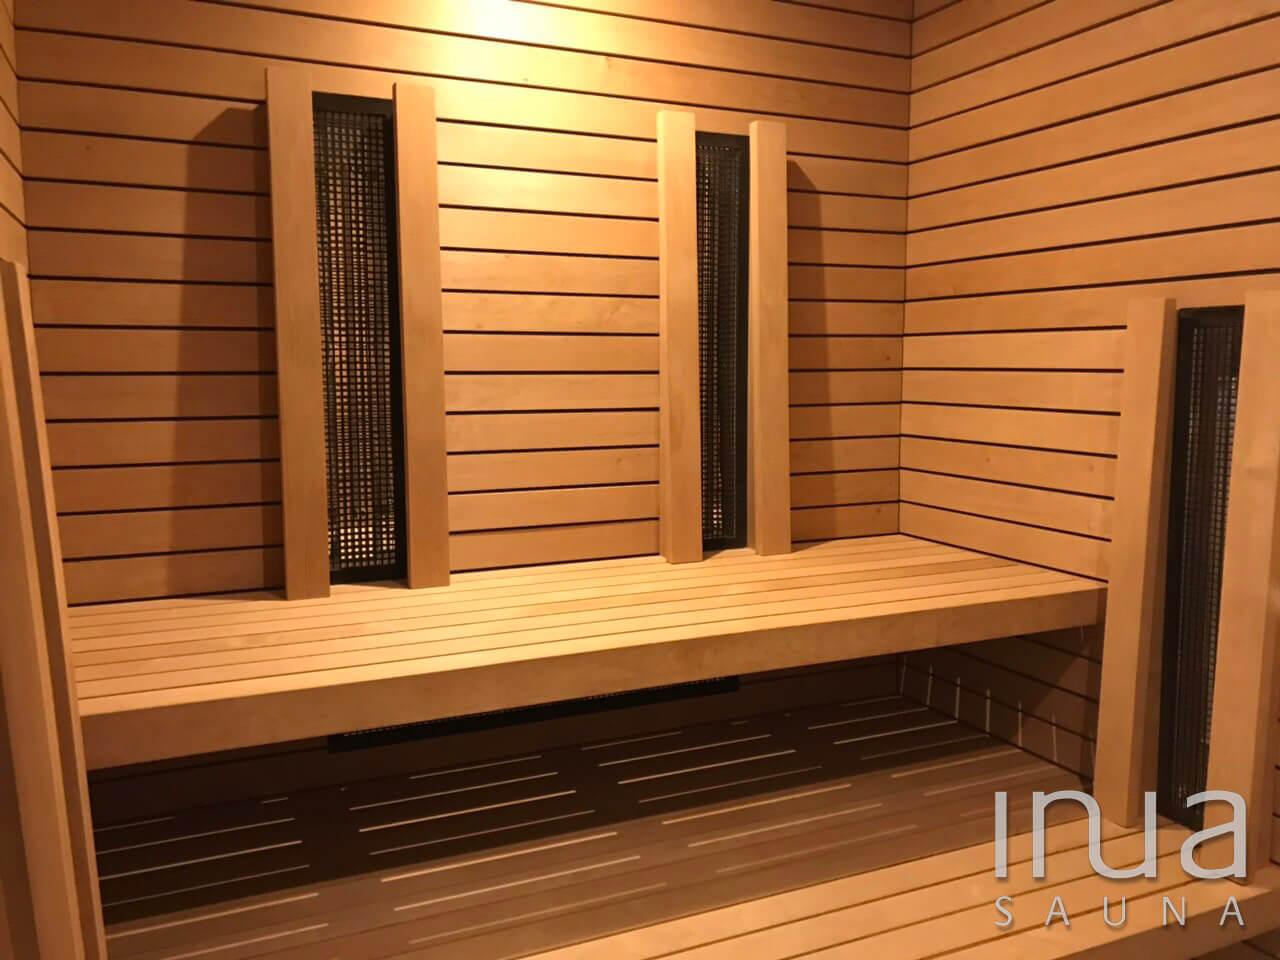 Fafélék szaunaépítéshez - Thermowood finn rezgőnyárfa Inua burkolat